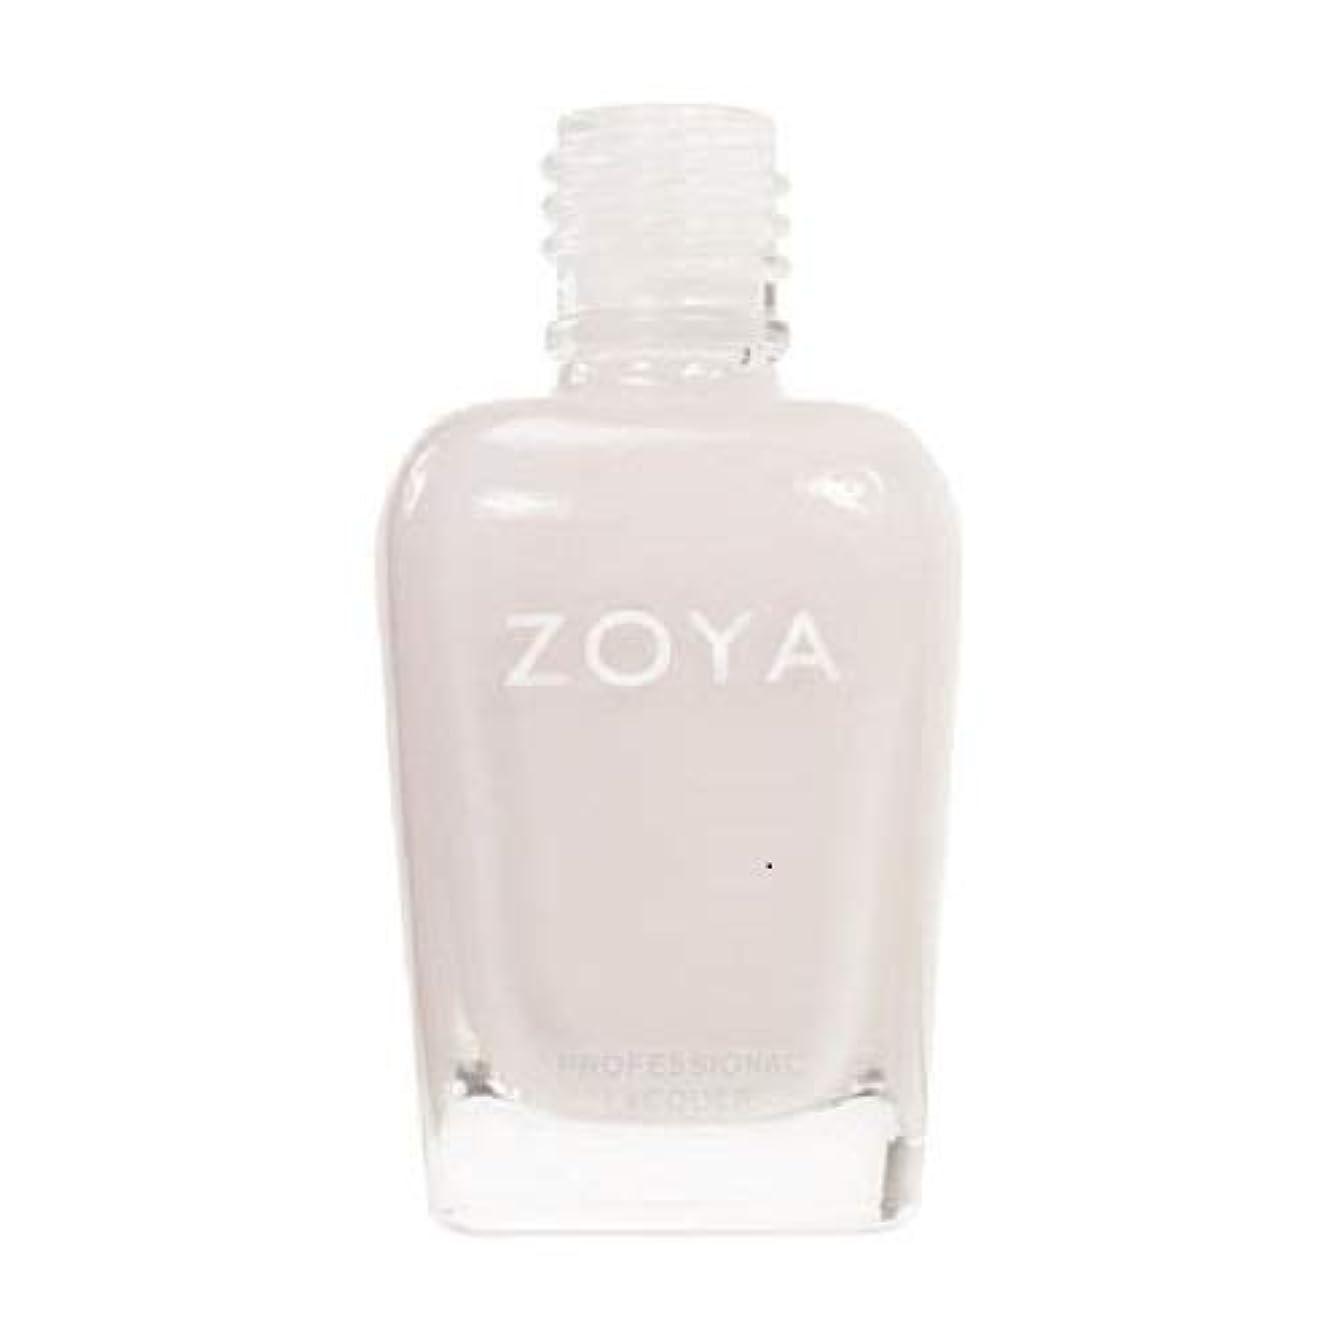 ジュニアジャンク高架ZOYA ネイルカラーZP235 SABRINA サブリナ 15ml ほのかに色づくピンクをまとったホワイト シアー/クリーム 爪にやさしいネイルラッカーマニキュア